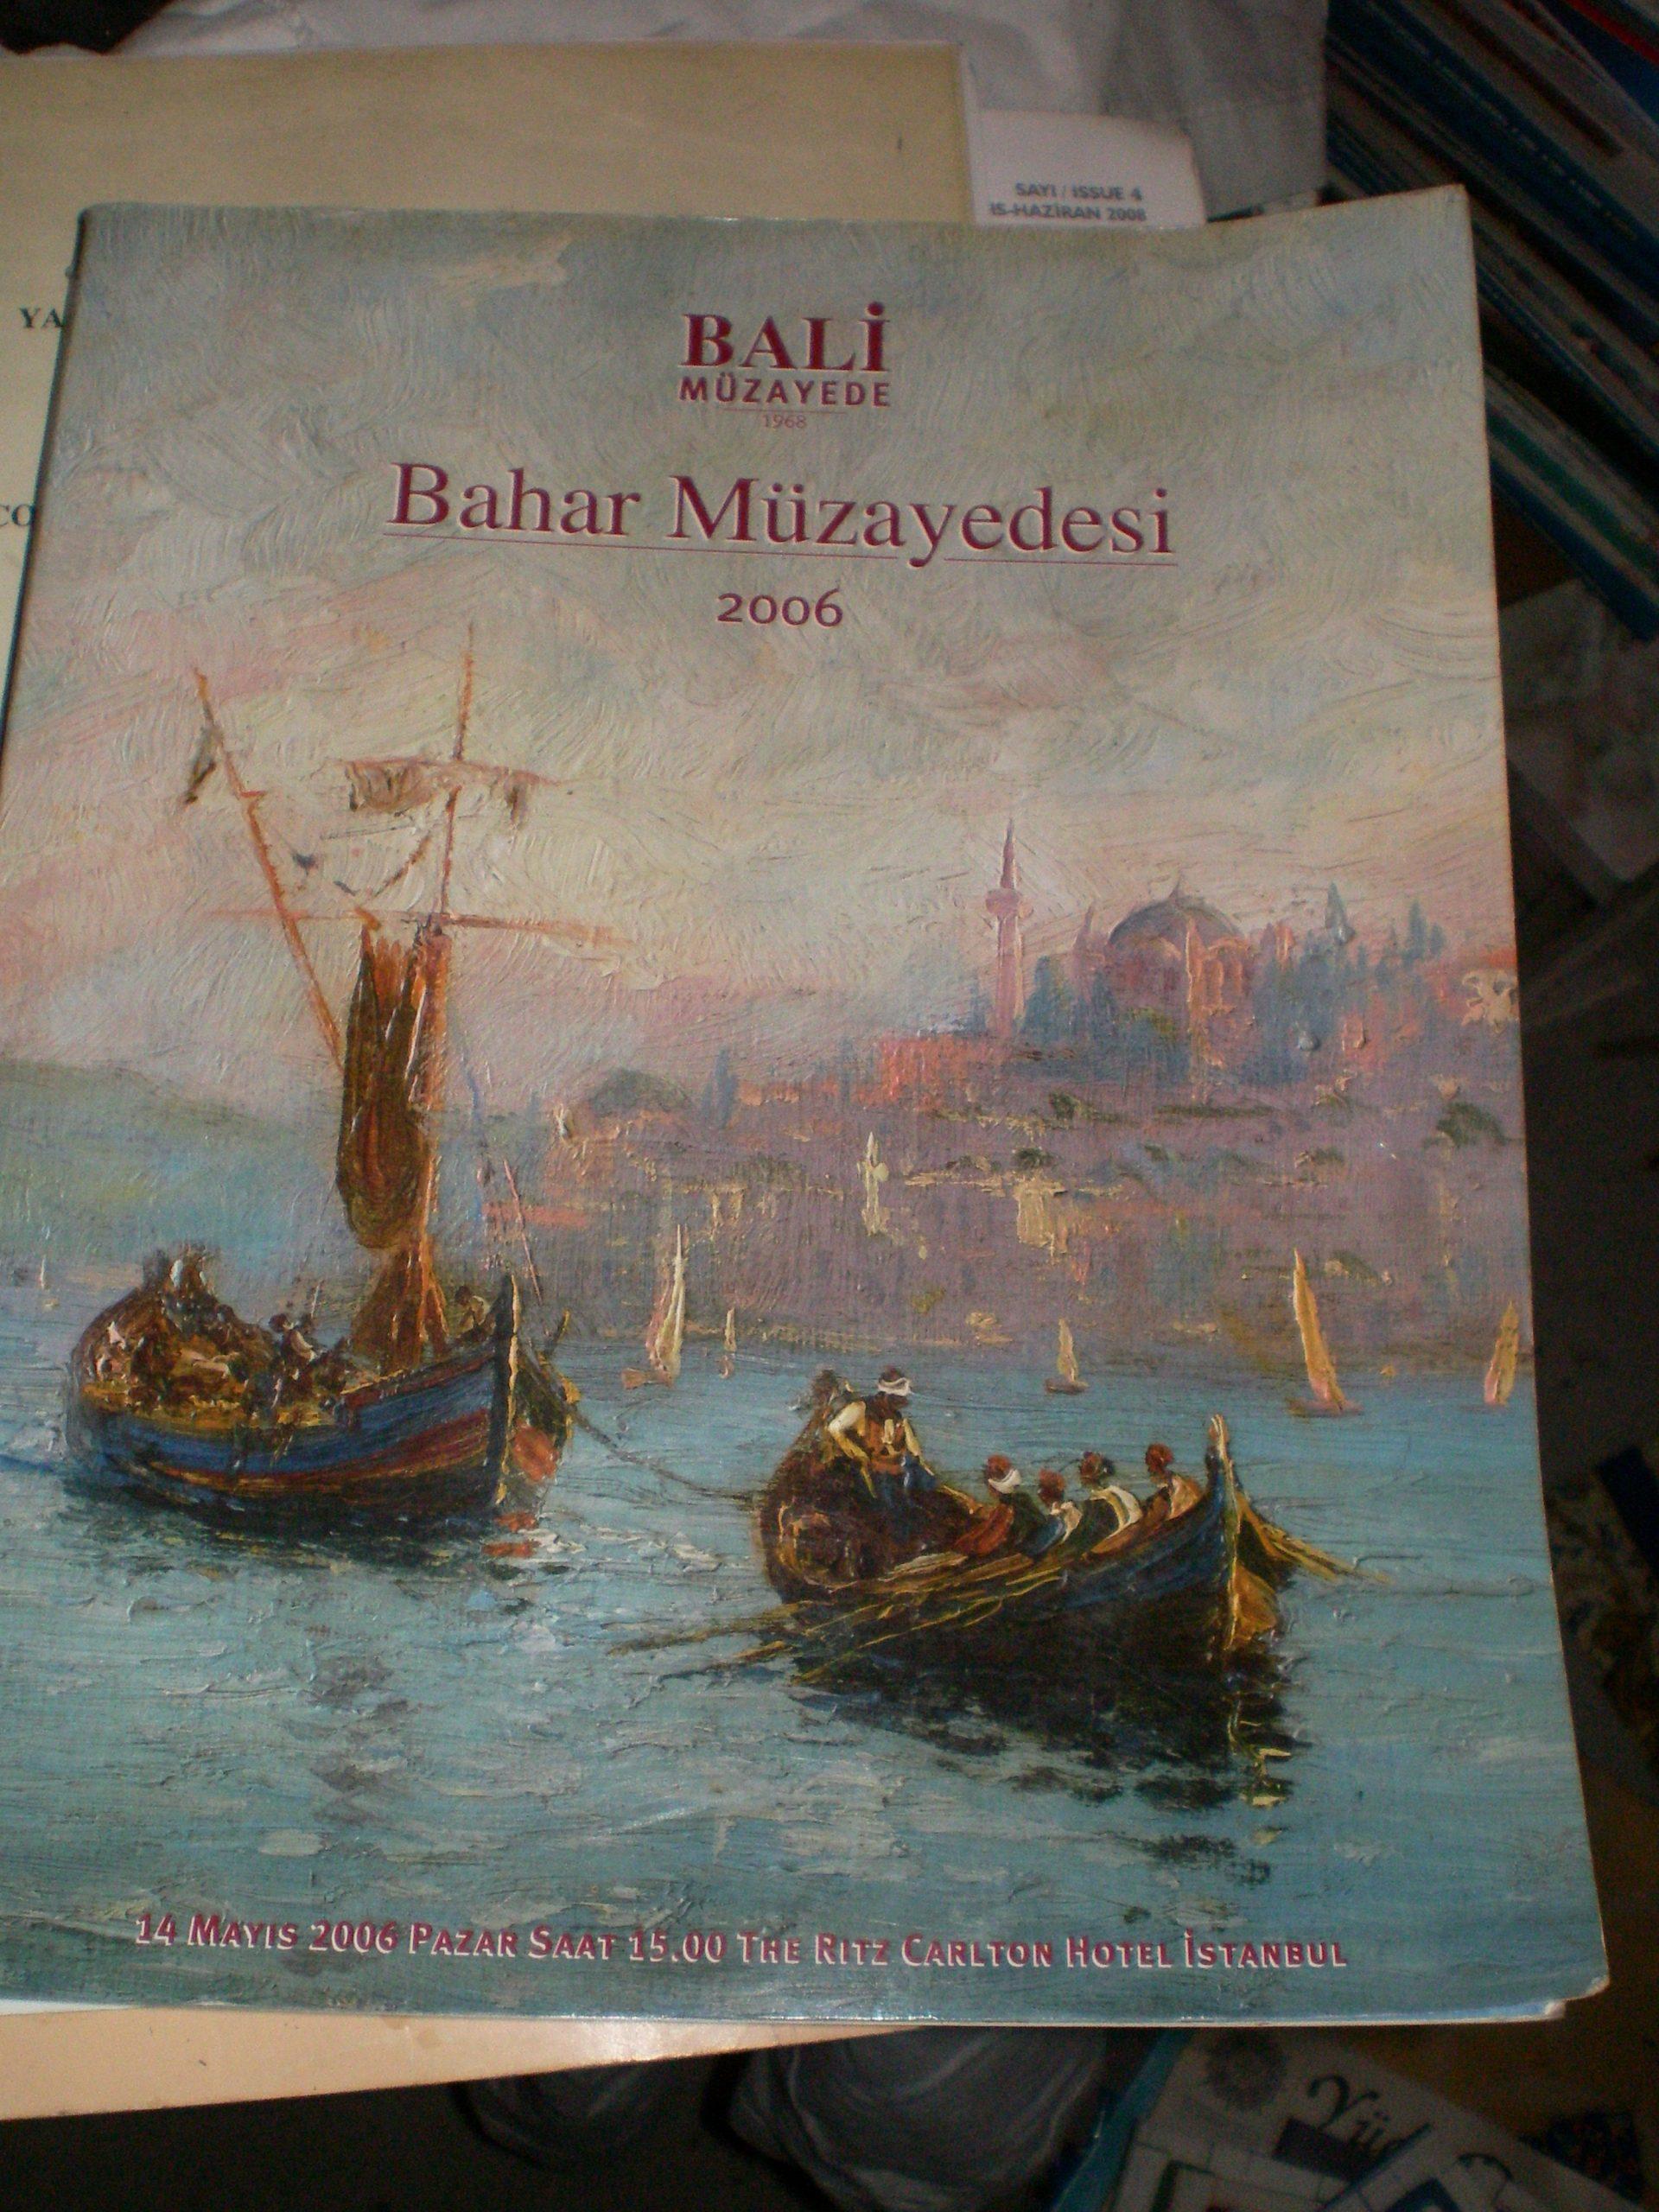 BALİ MÜZAYEDE -Bahar Müzayedesi 2006-KATALOG /15 TL